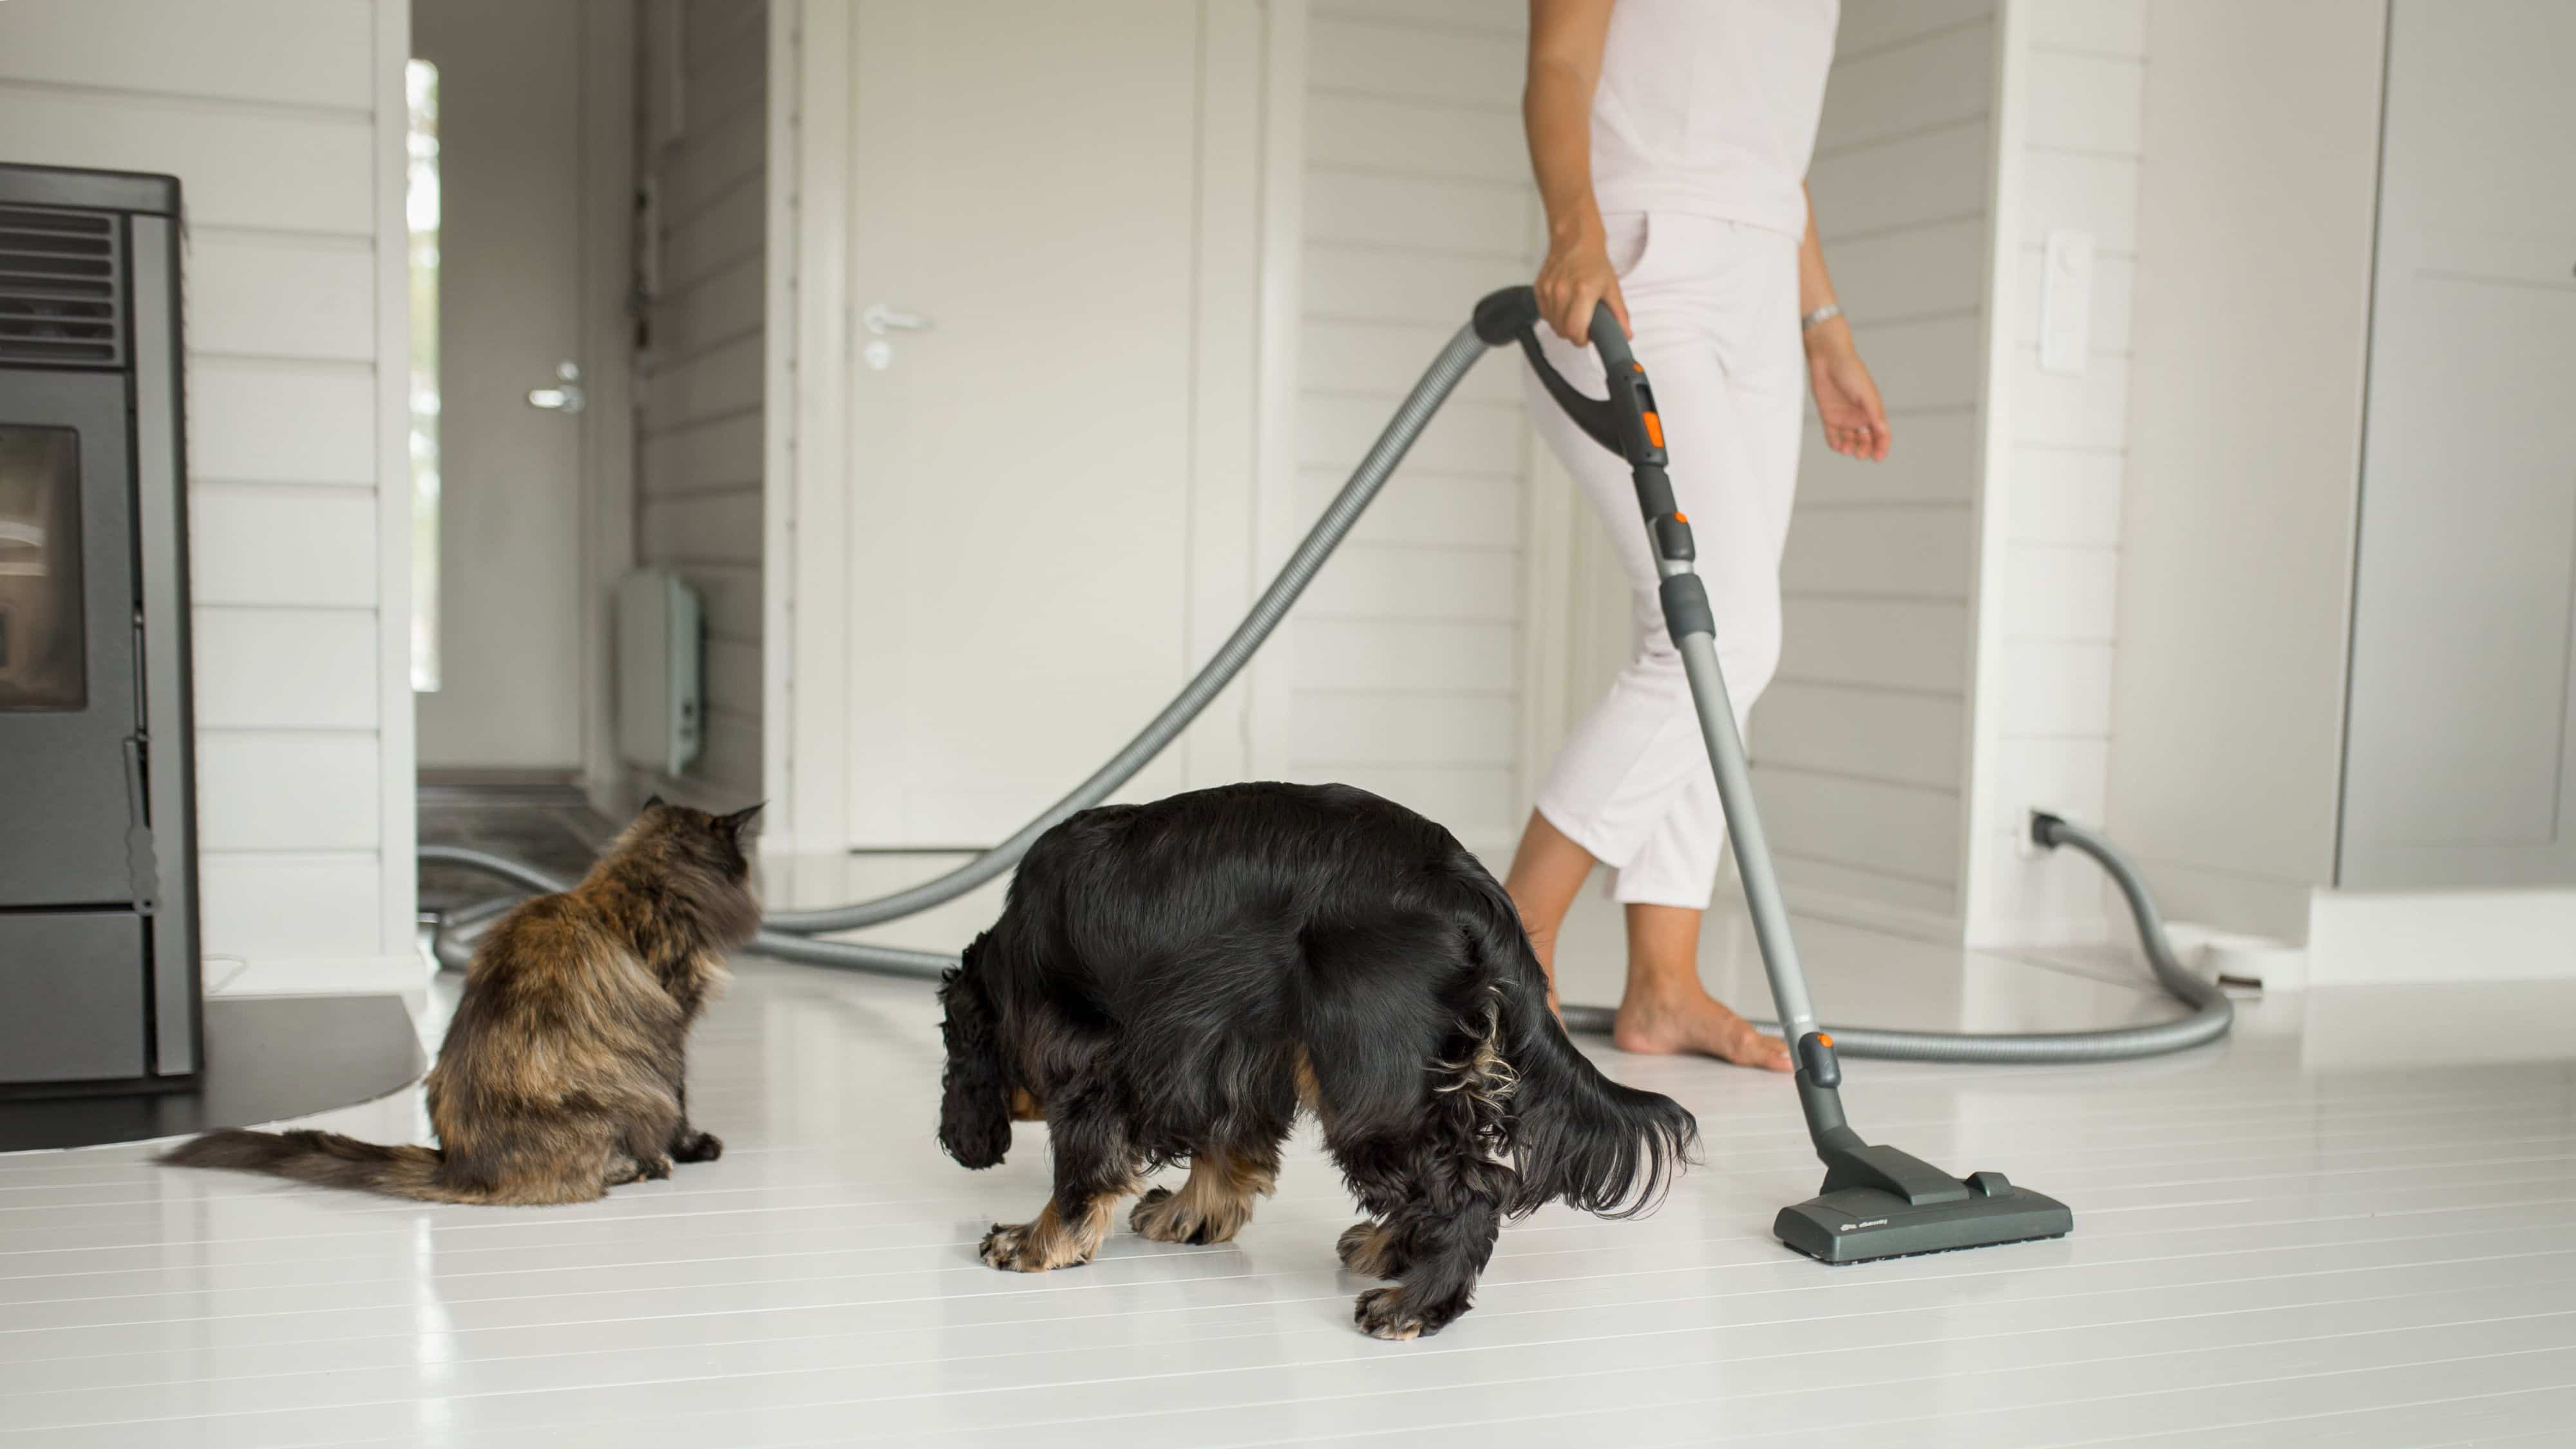 Allaway_kissa ja koira siivouspuuhissa_8427_16x9